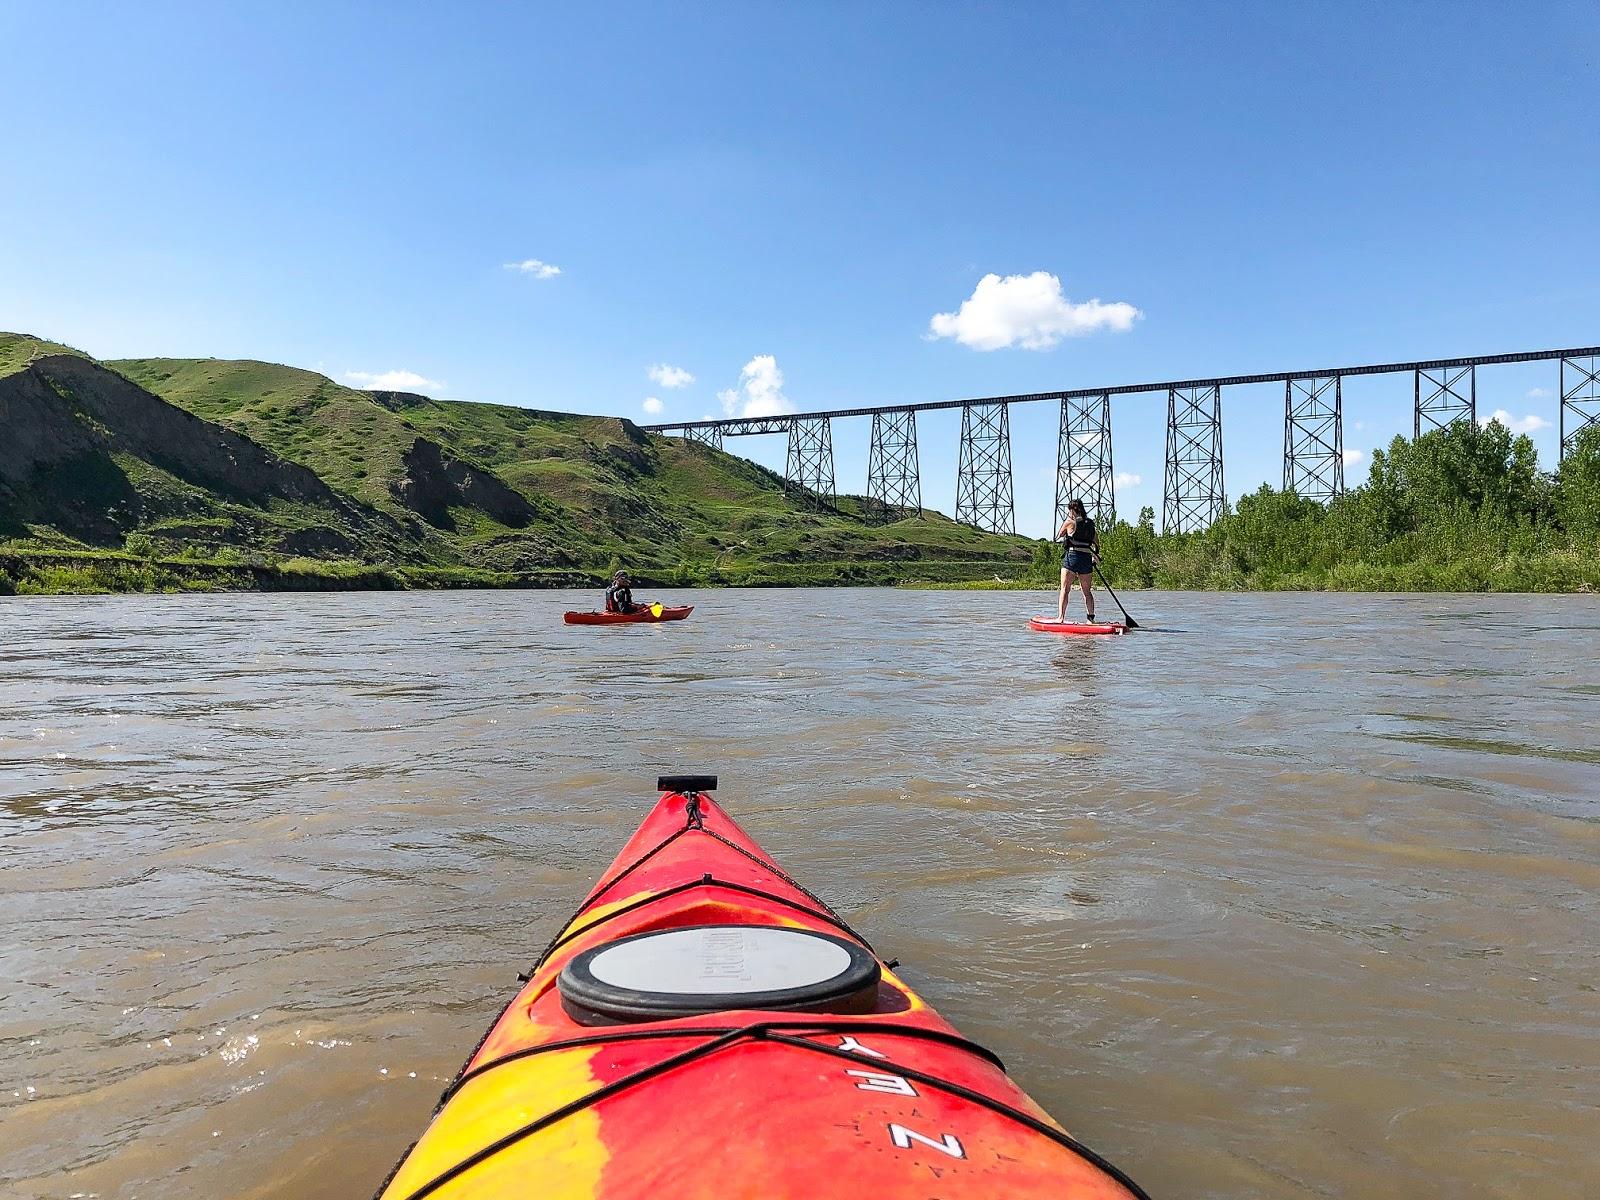 Kayaking the Old Man River in Lethbridge, Alberta